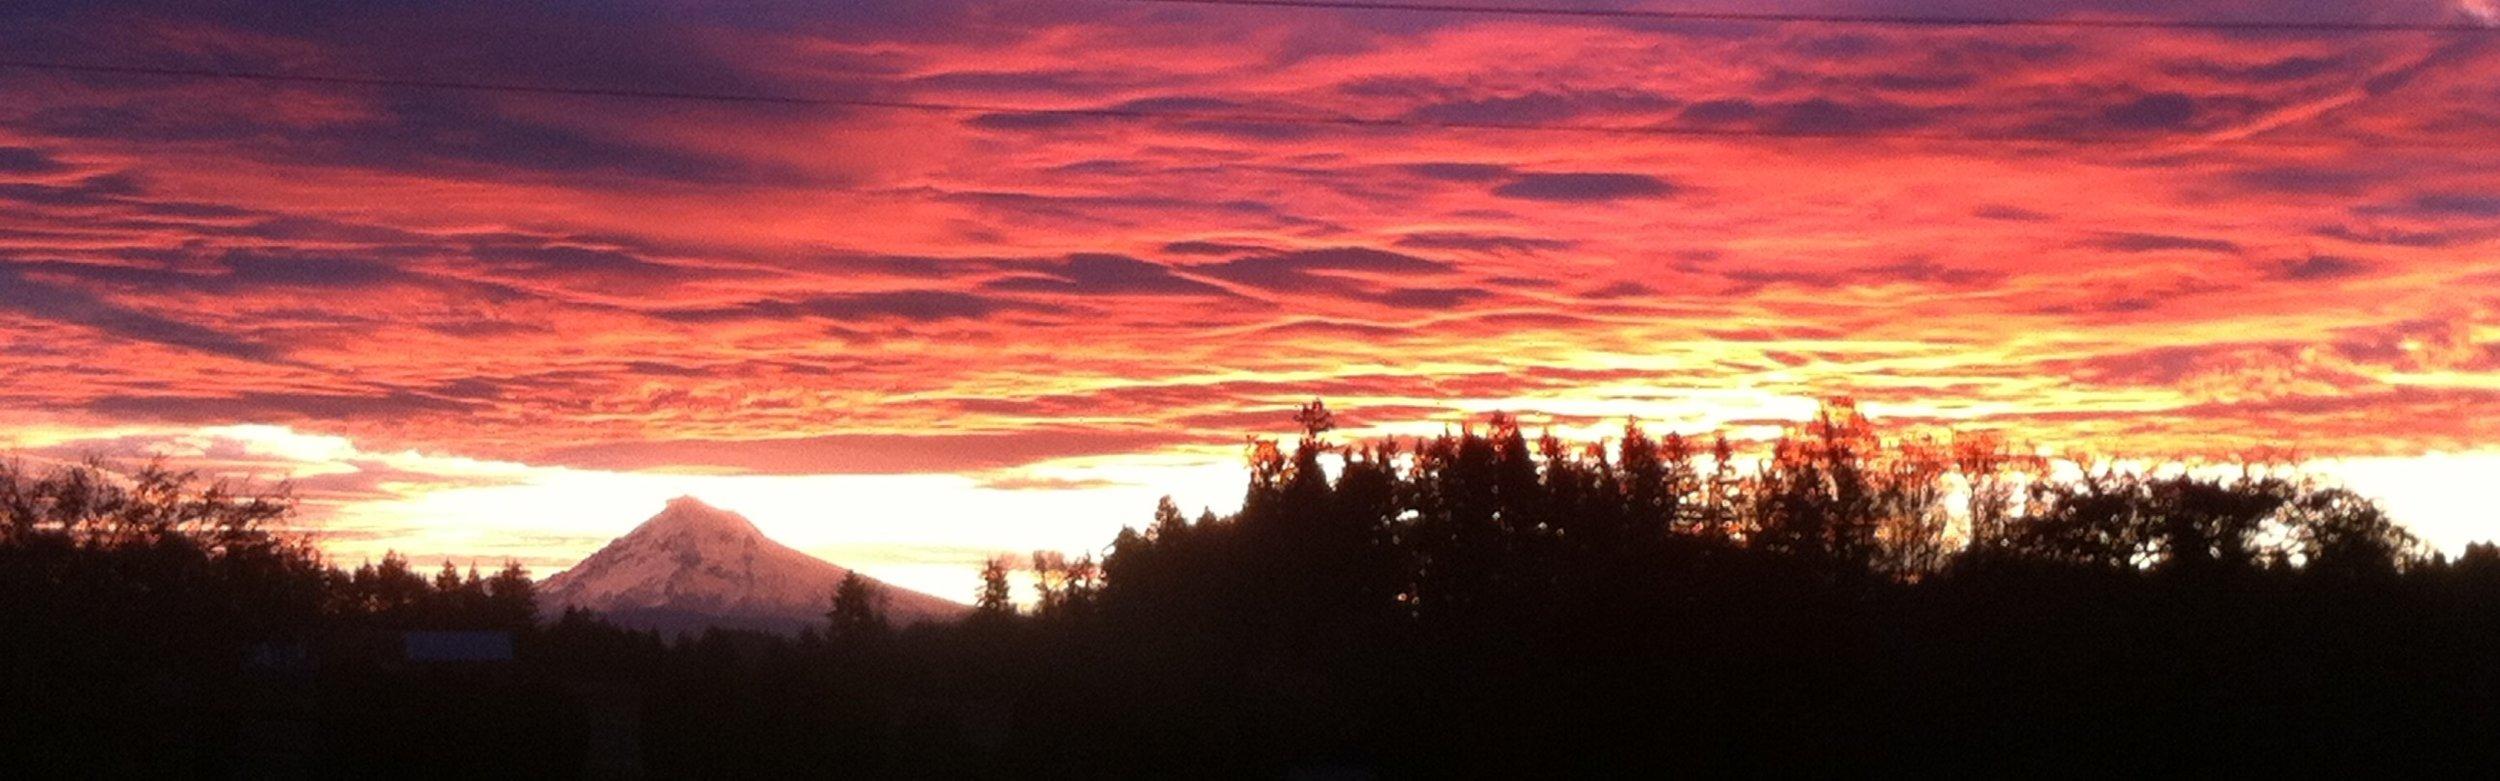 Sunrise Nov 2016